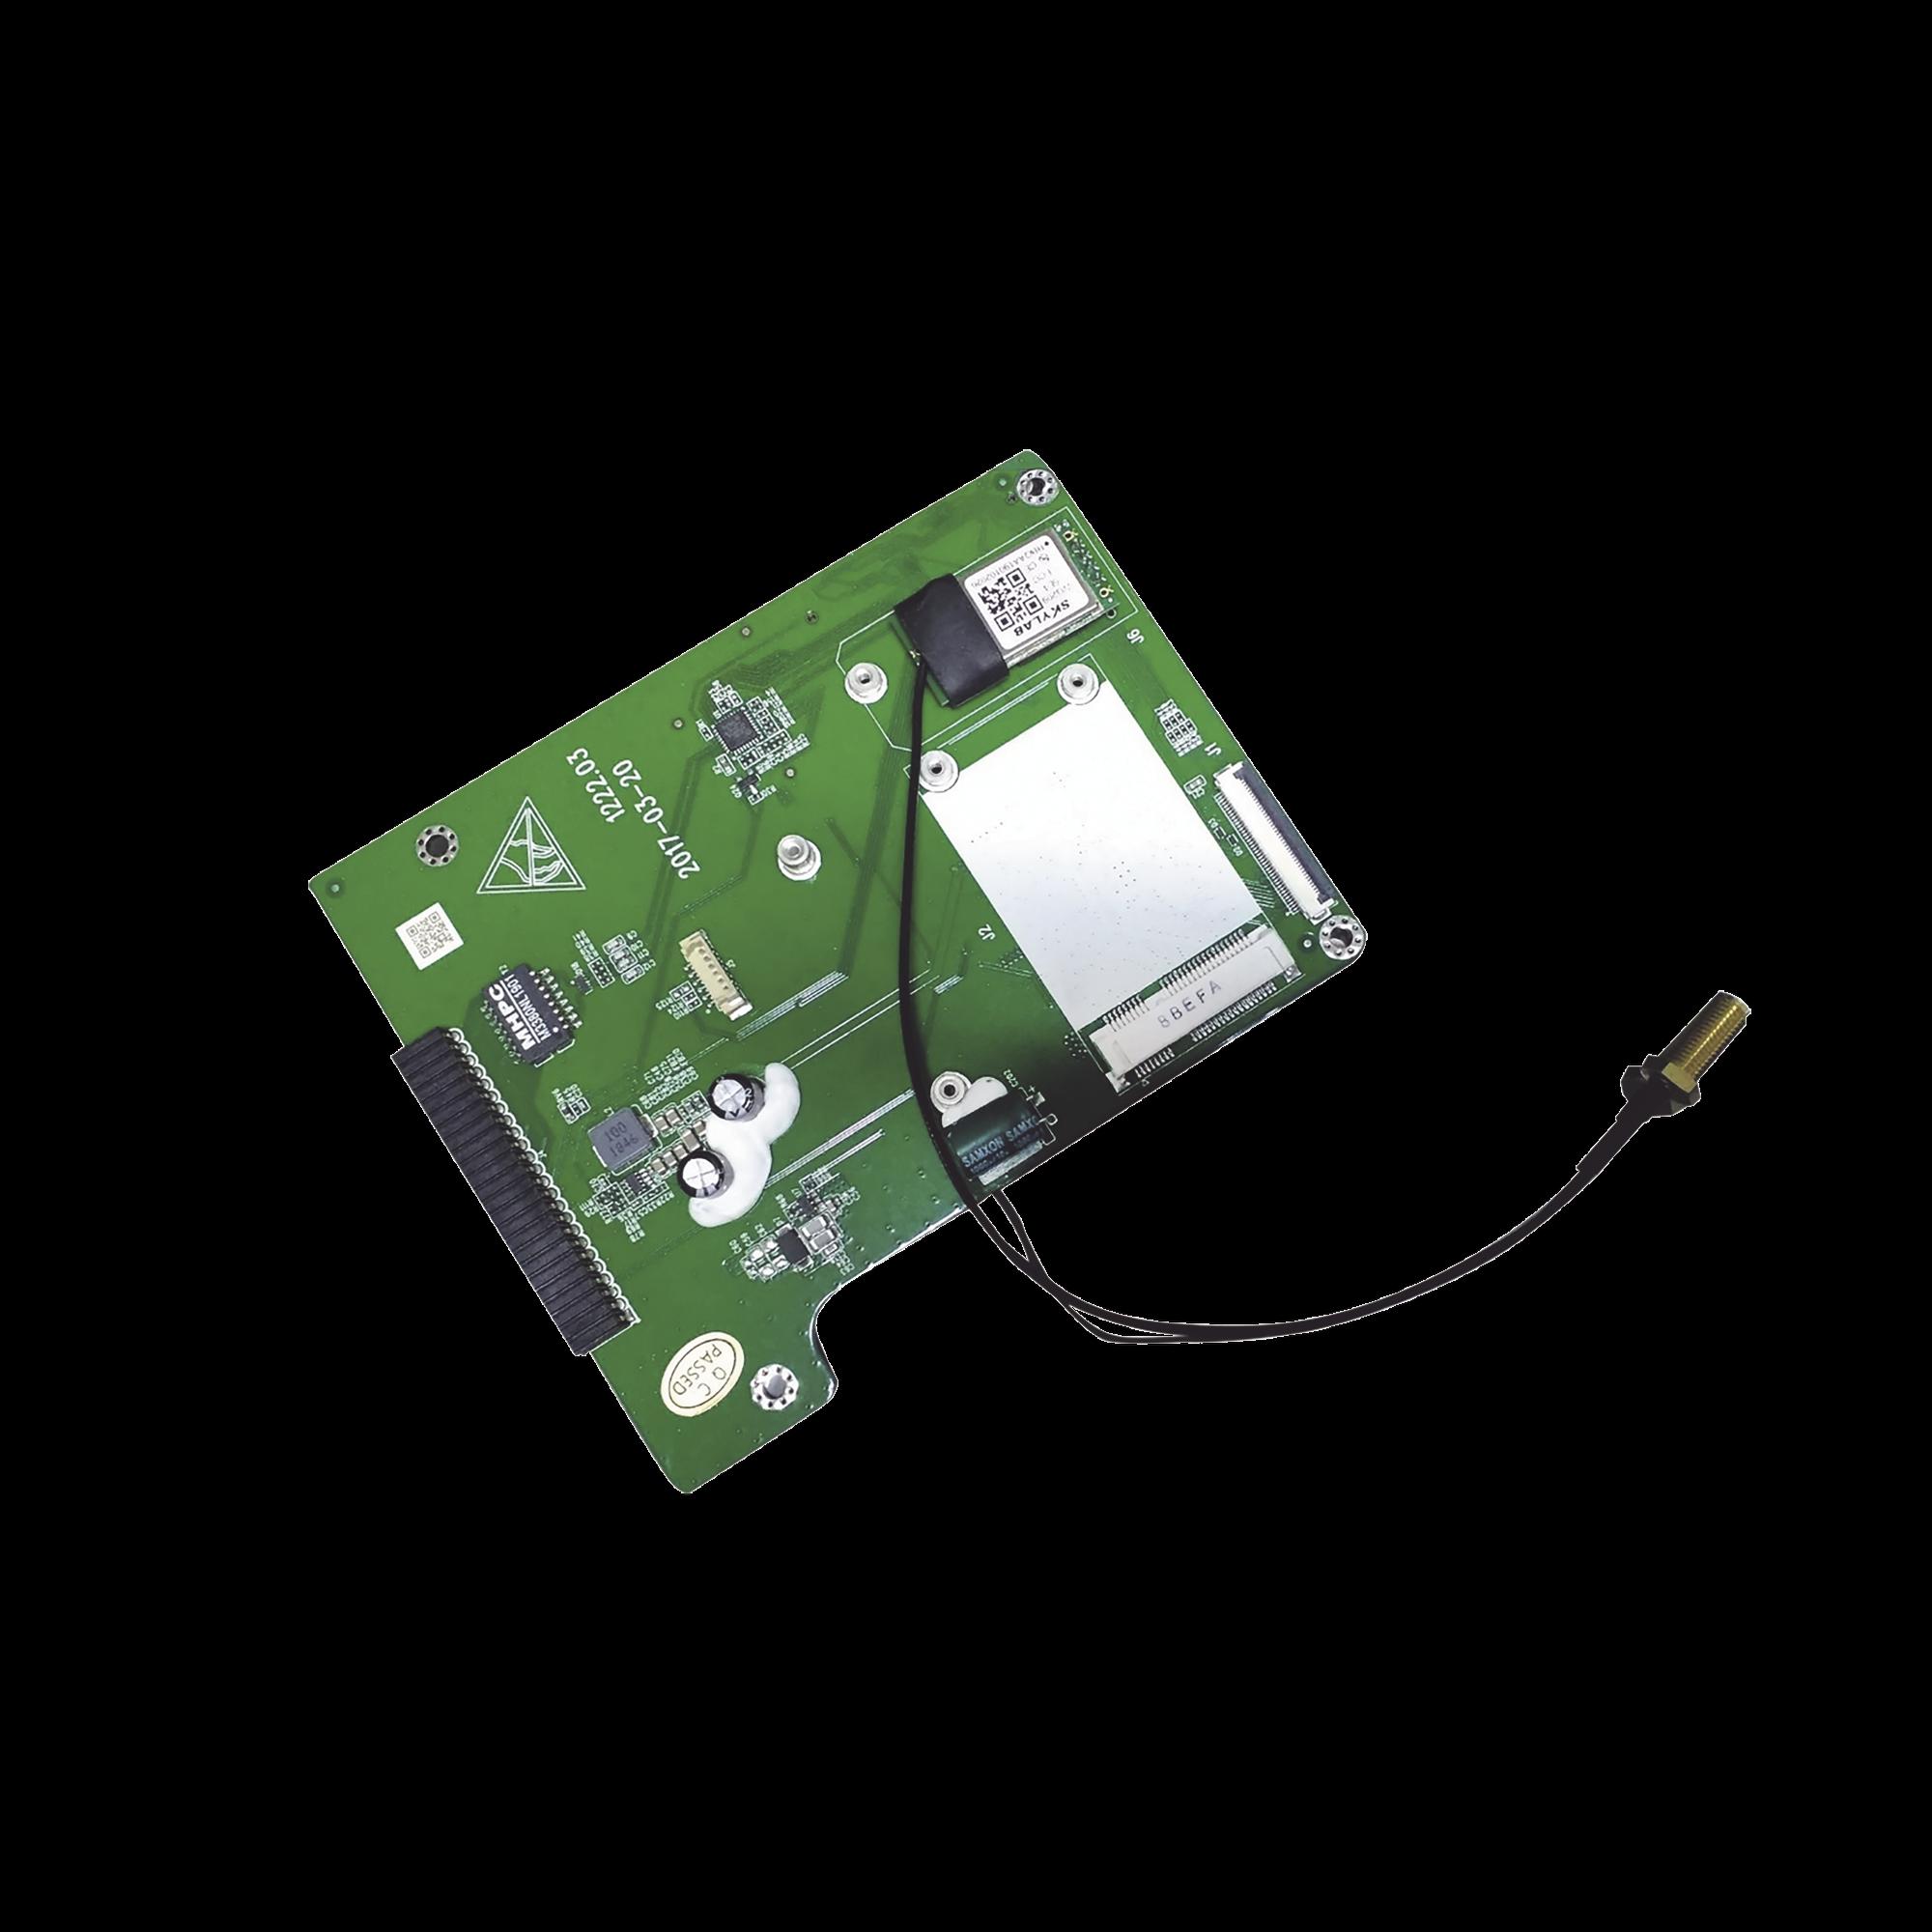 Módulo de wifi para videograbador móvil compatible con el modelo de MDVR XMR404AHD